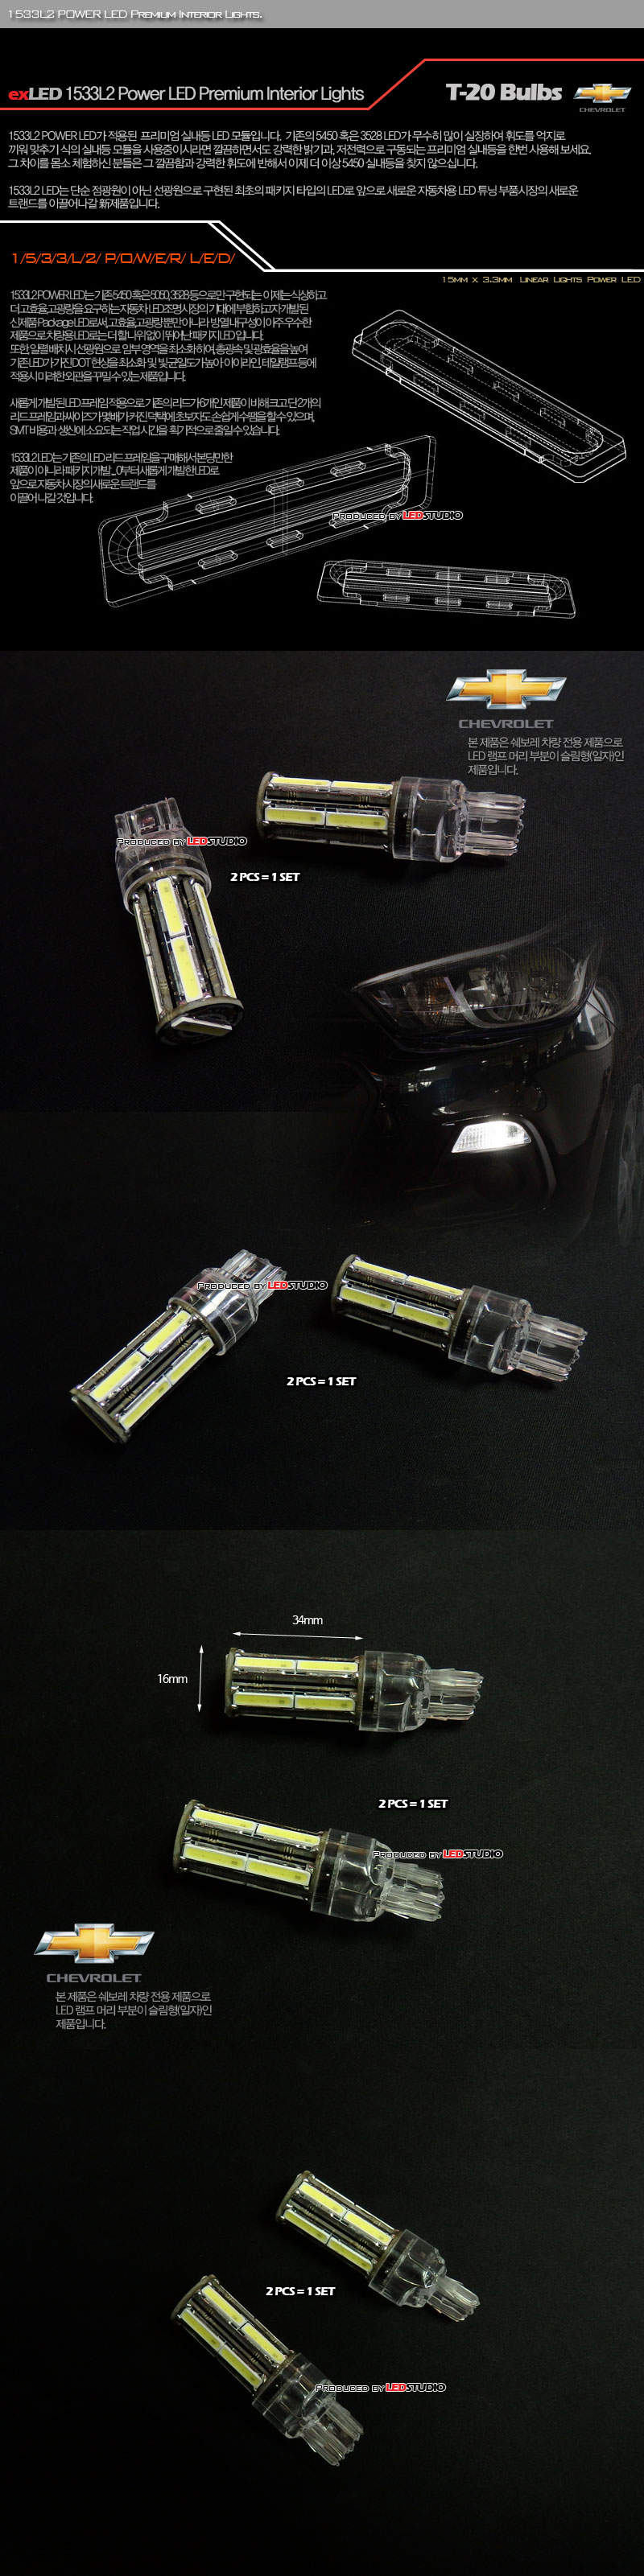 exLED 쉐보레 차량 전용 T-20 M2 1533L2파워LED 안개등 전용 벌브 (2단/2개 1조)